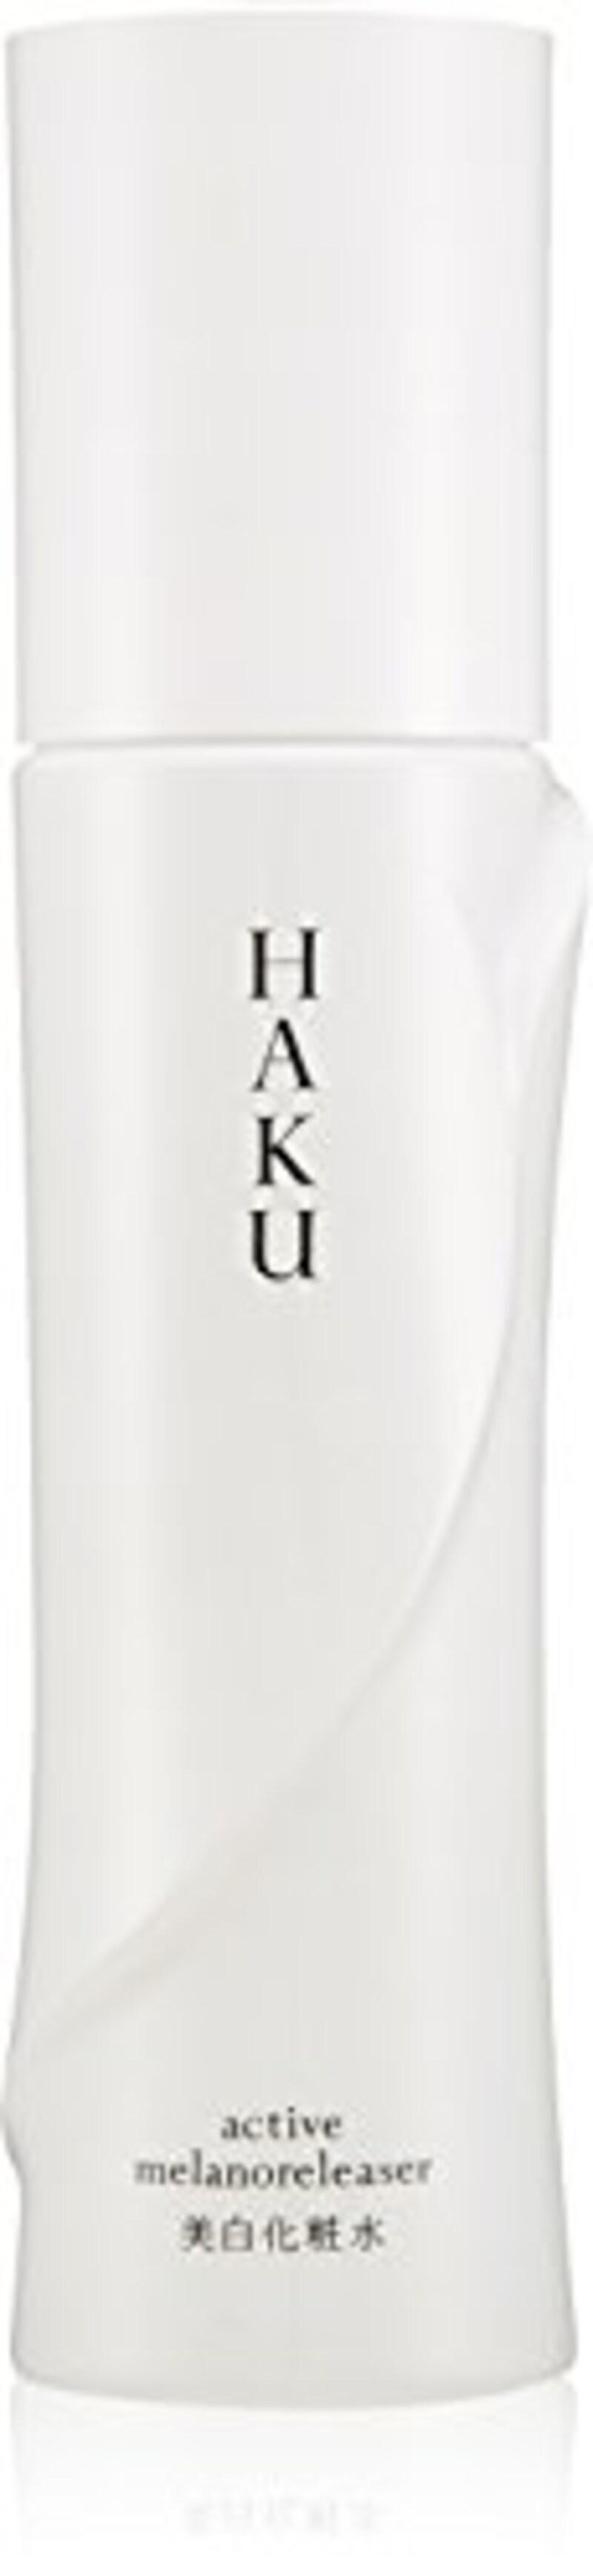 HAKU,アクティブメラノリリーサー 美白化粧水